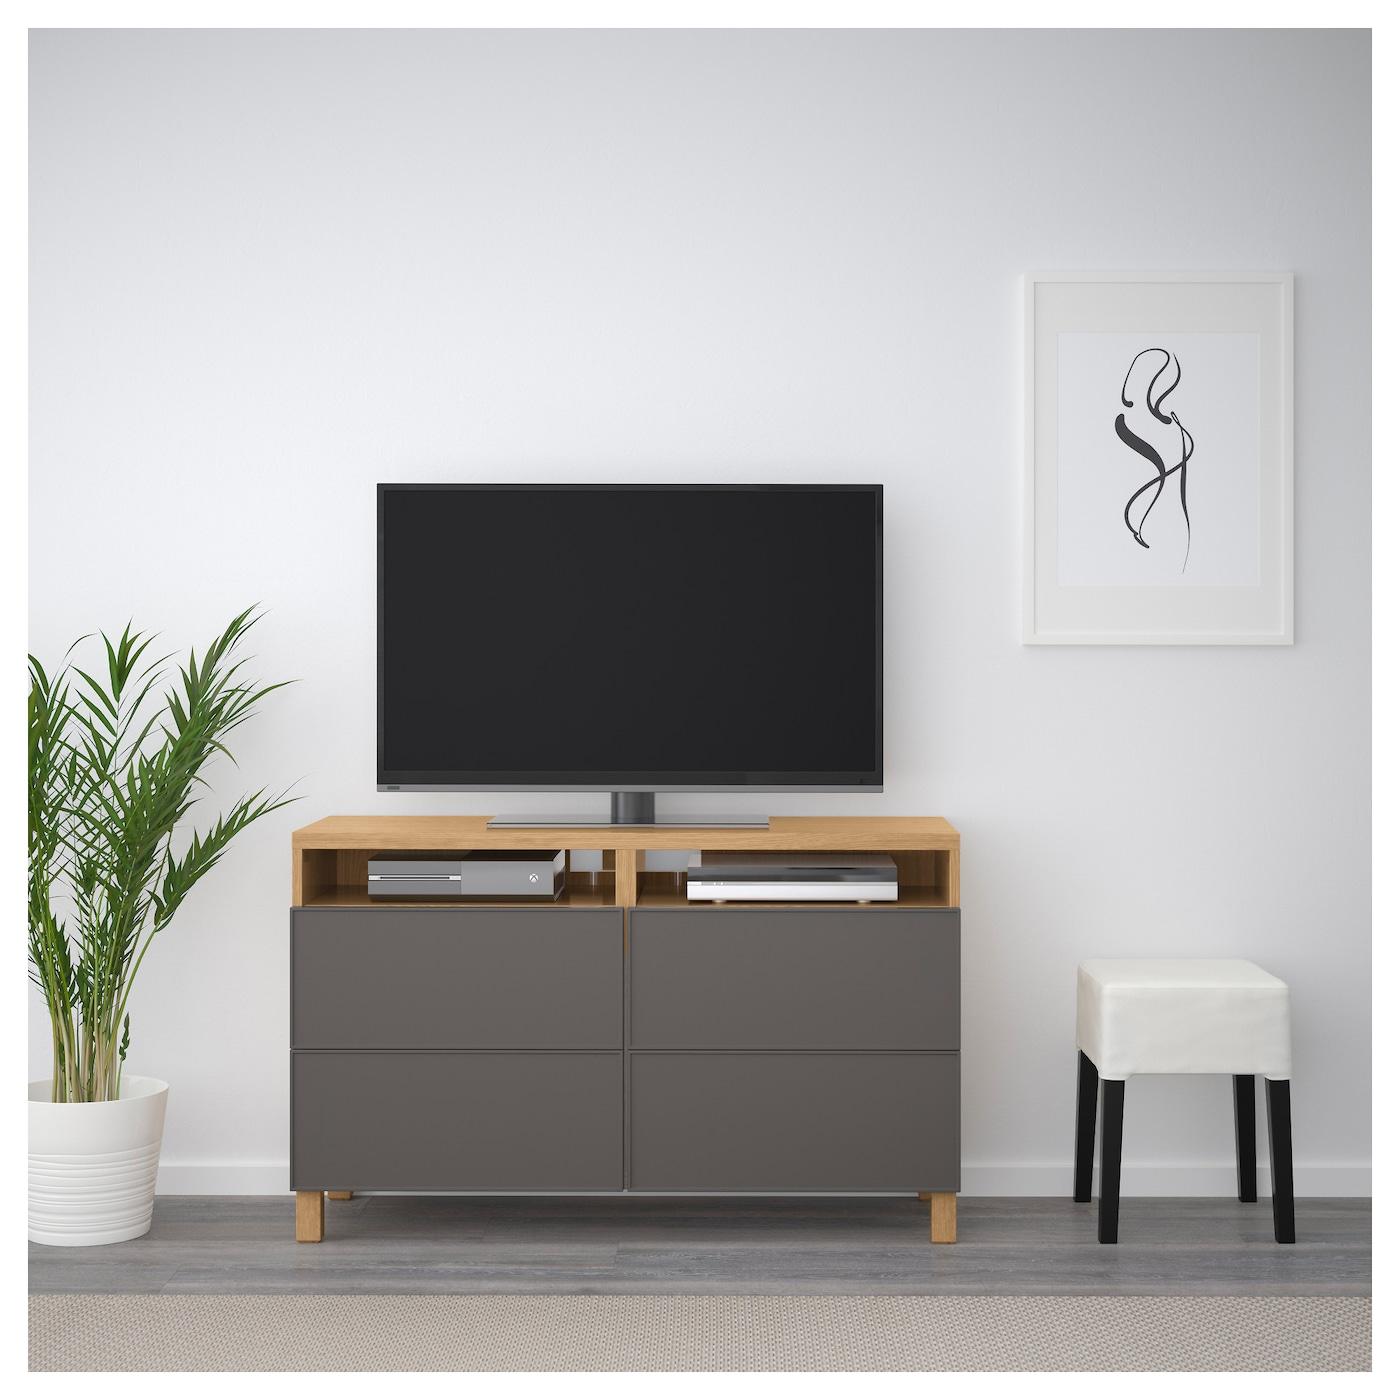 Best Tv Bench With Drawers Oak Effect Grundsviken Dark Grey 120x40x74 Cm Ikea